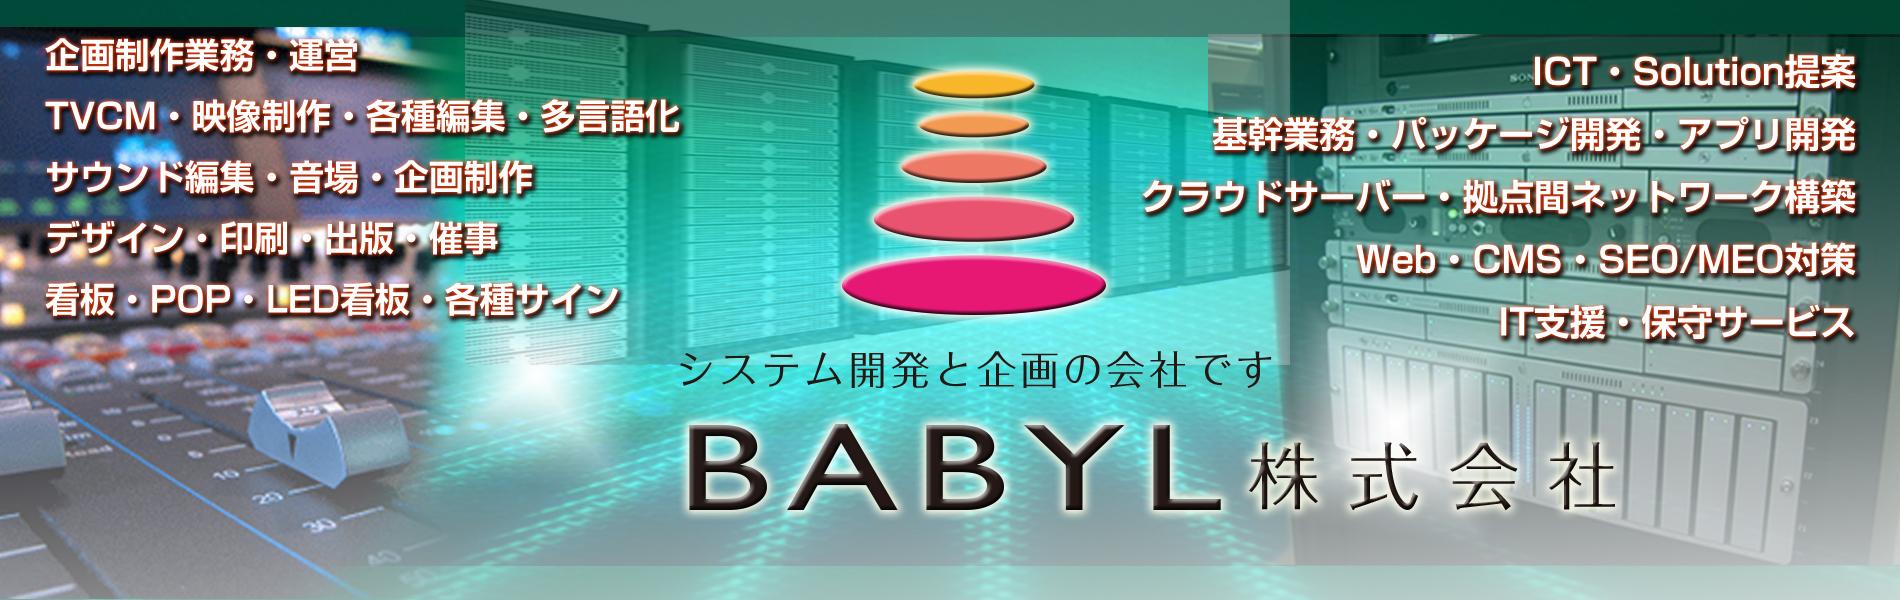 島根県松江市のシステム開発と企画会社のBABYL TOP画像